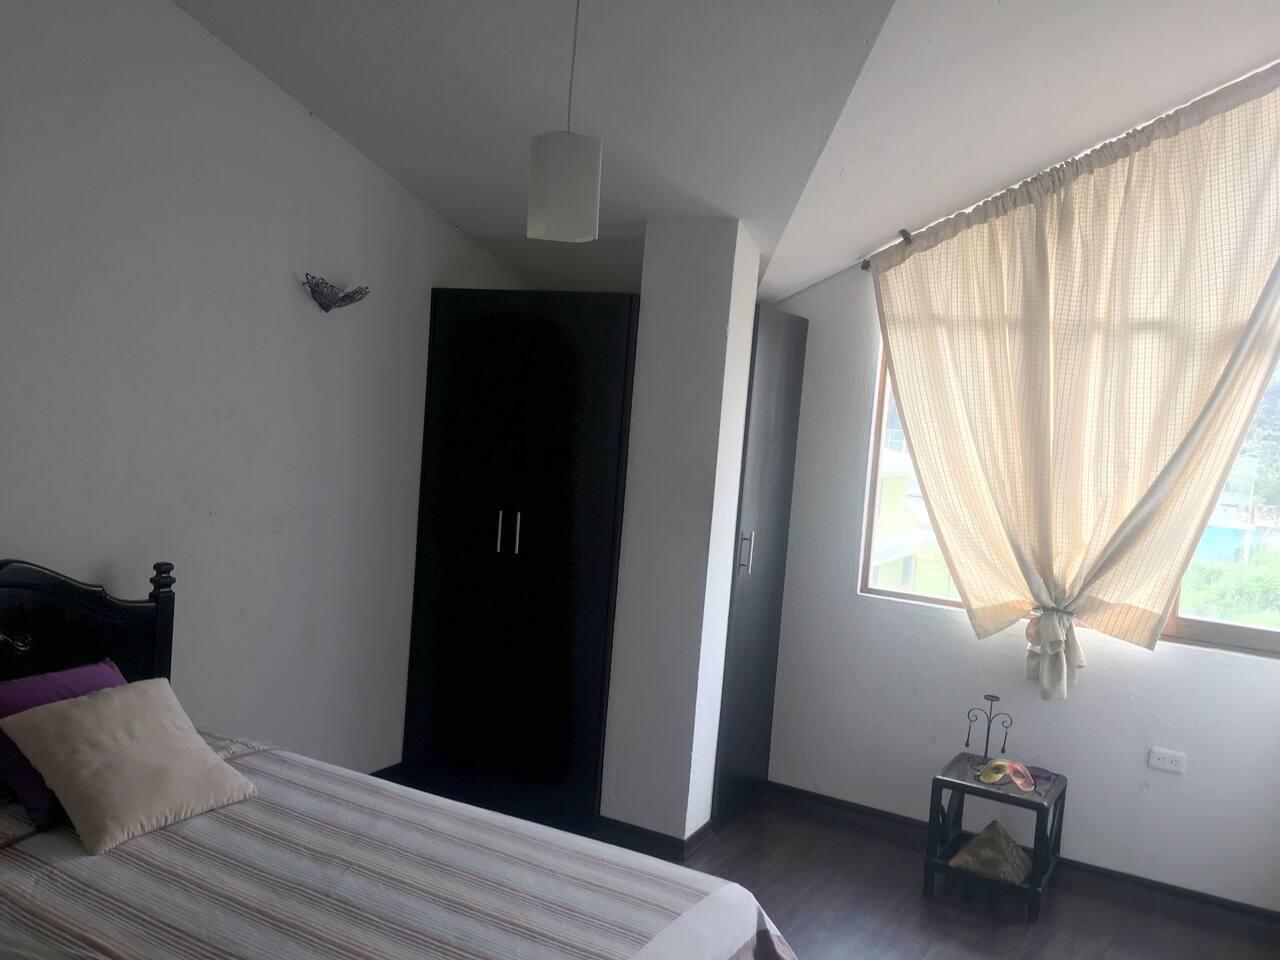 Amplia Habitación, excelente iluminación, cama plaza 1 1/2, dubet, baúl, closeth.